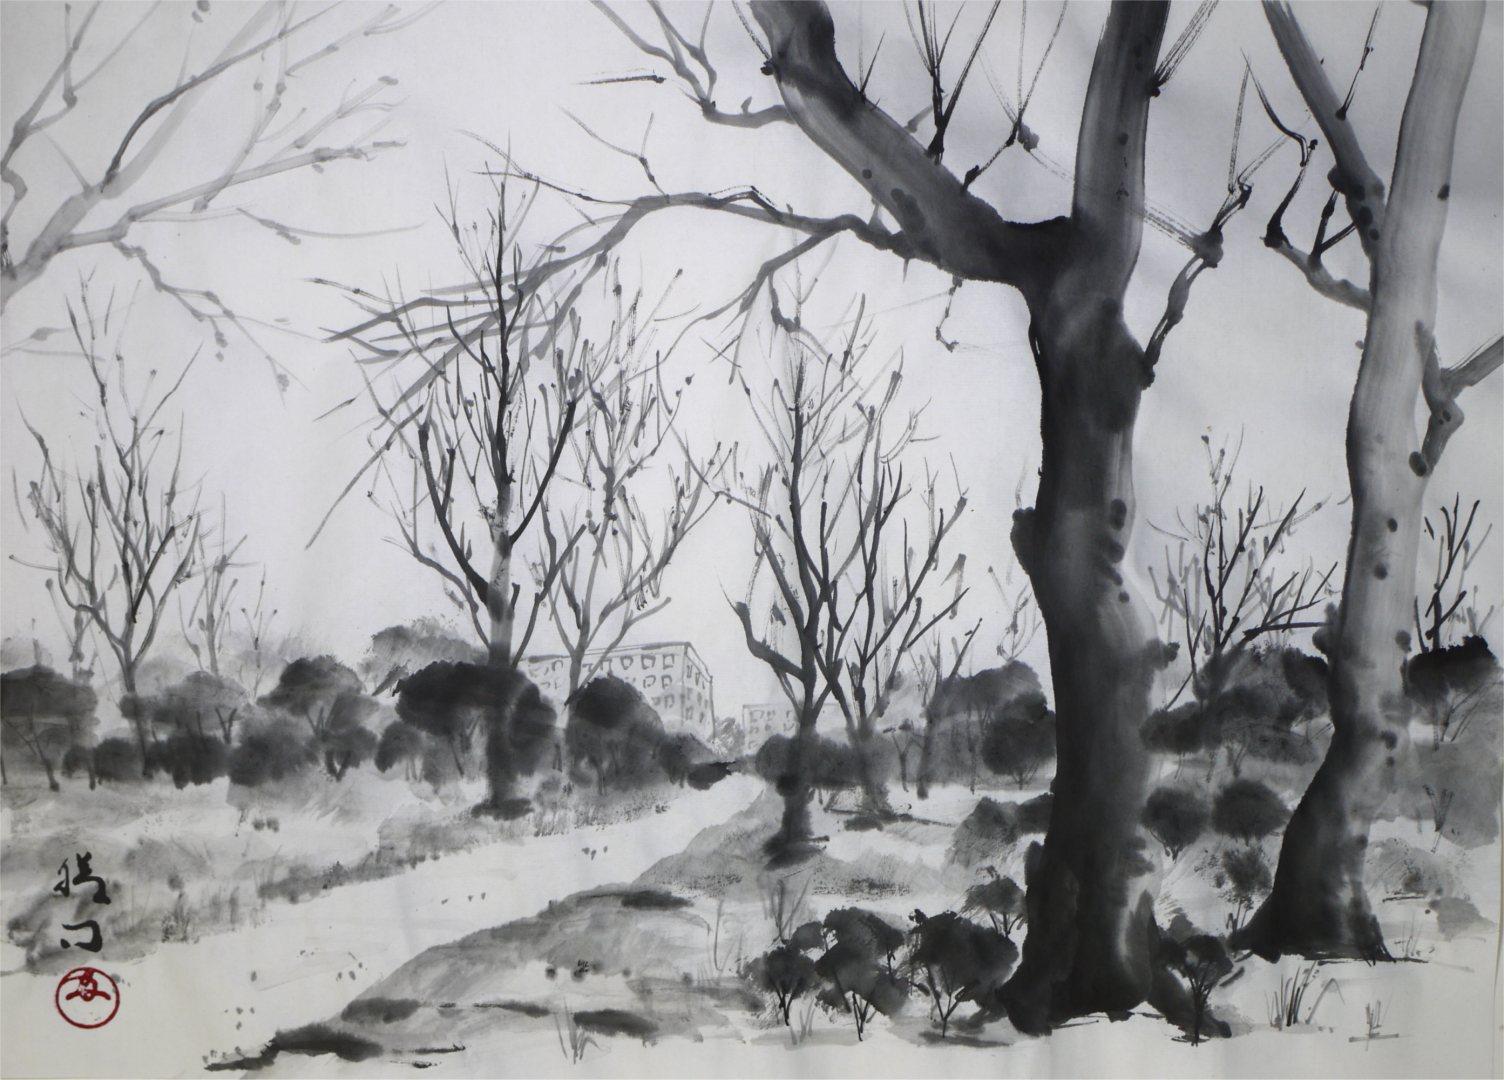 水墨画「冬の風景」福田勝司筆